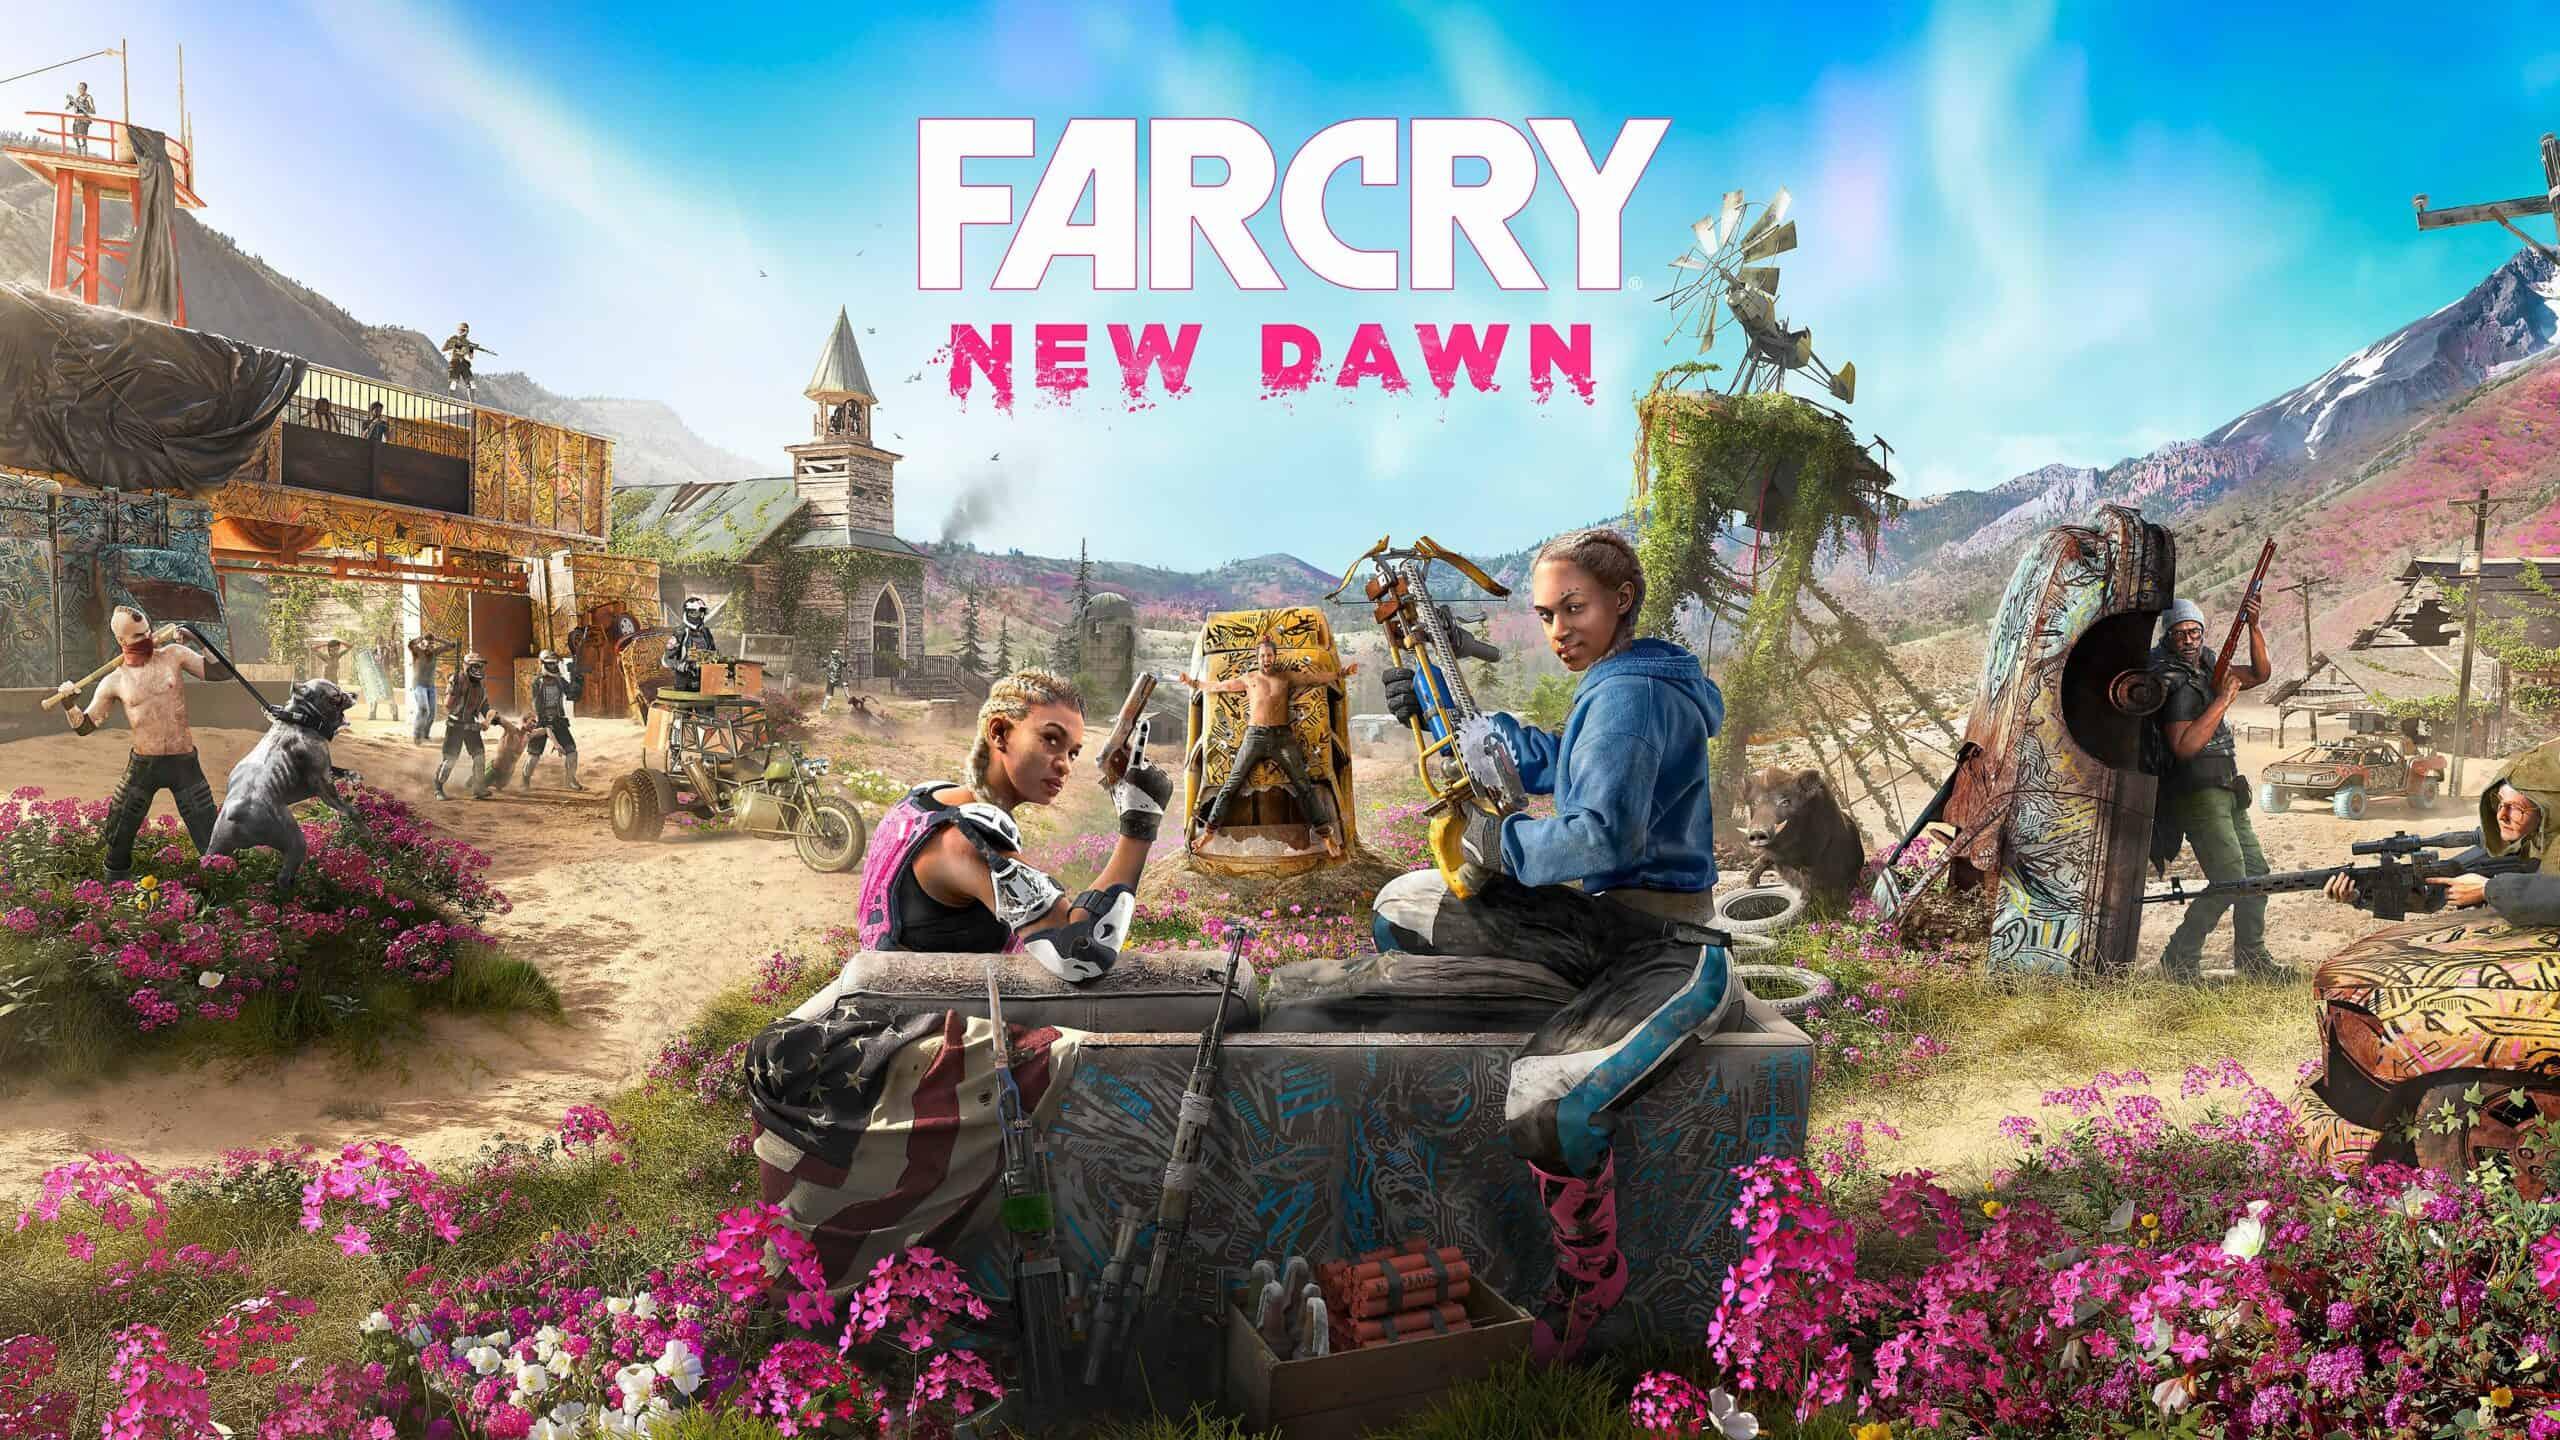 Best Far Cry Games - Far Cry New Dawn